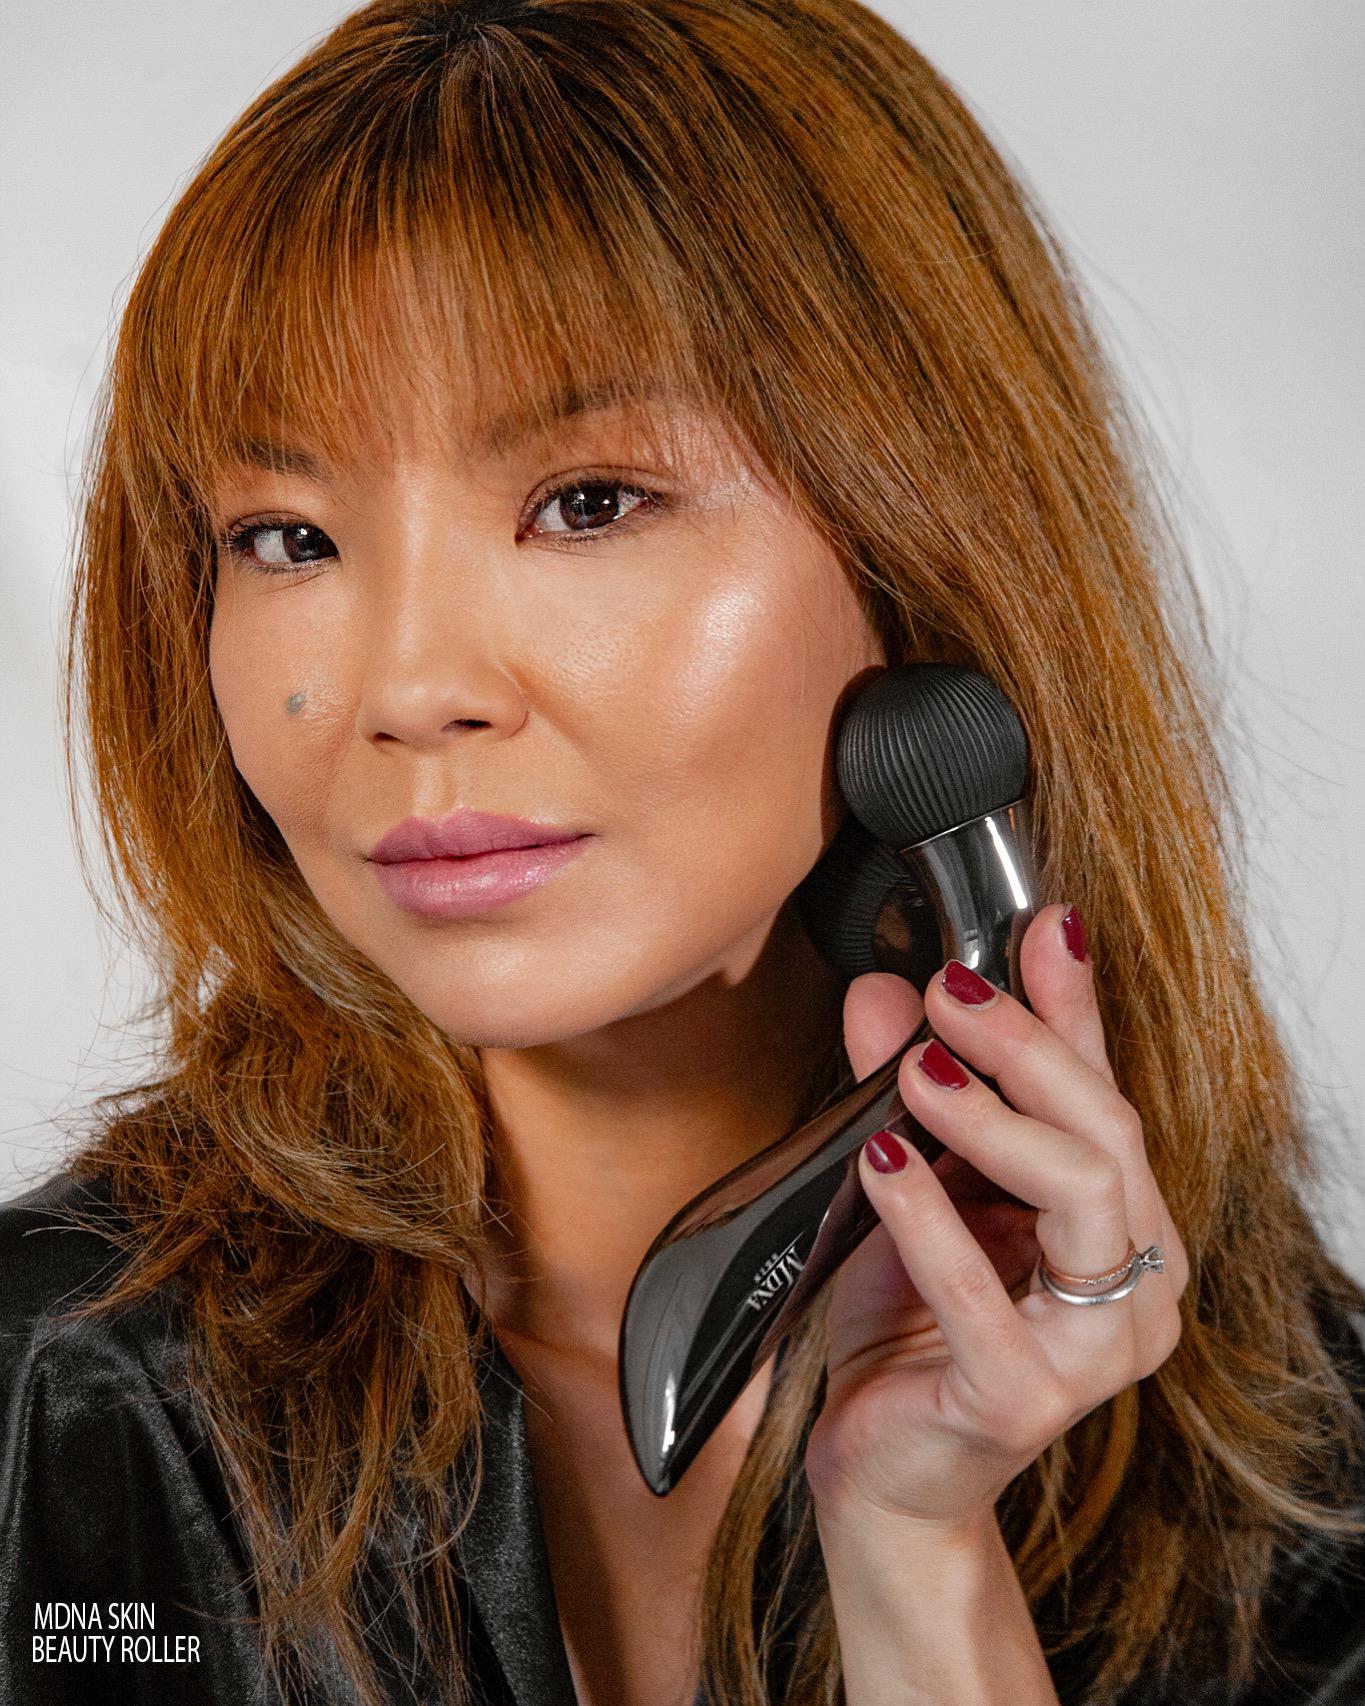 MDNA Skin Beauty Roller